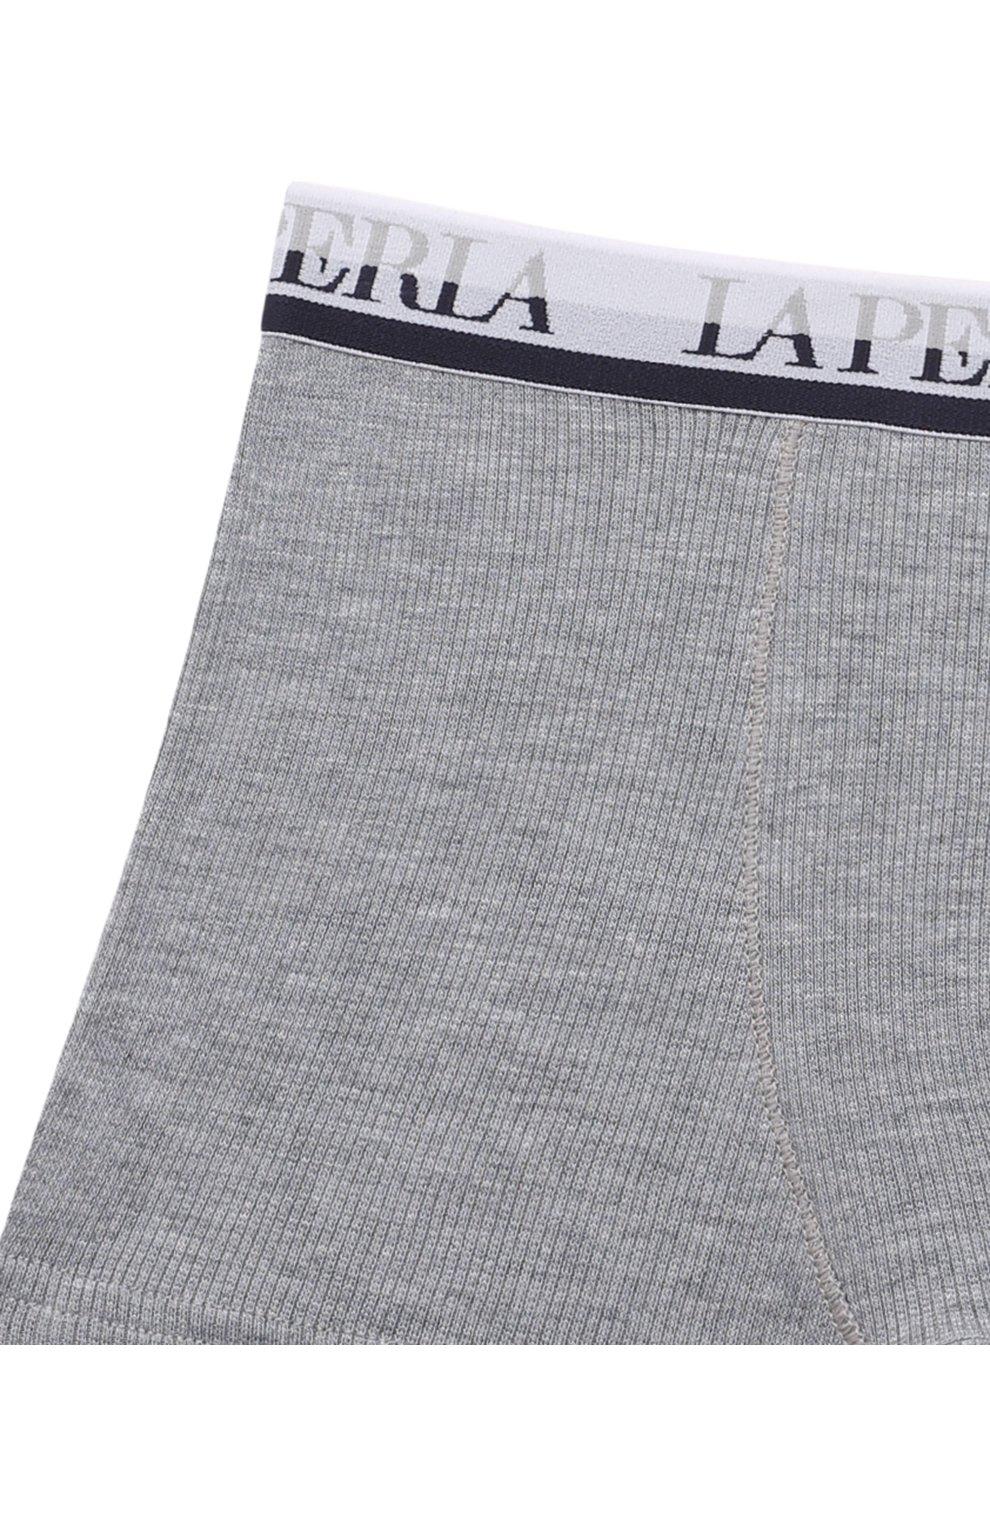 Детские боксеры из вискозы LA PERLA серого цвета, арт. 54388/2A-6A | Фото 3